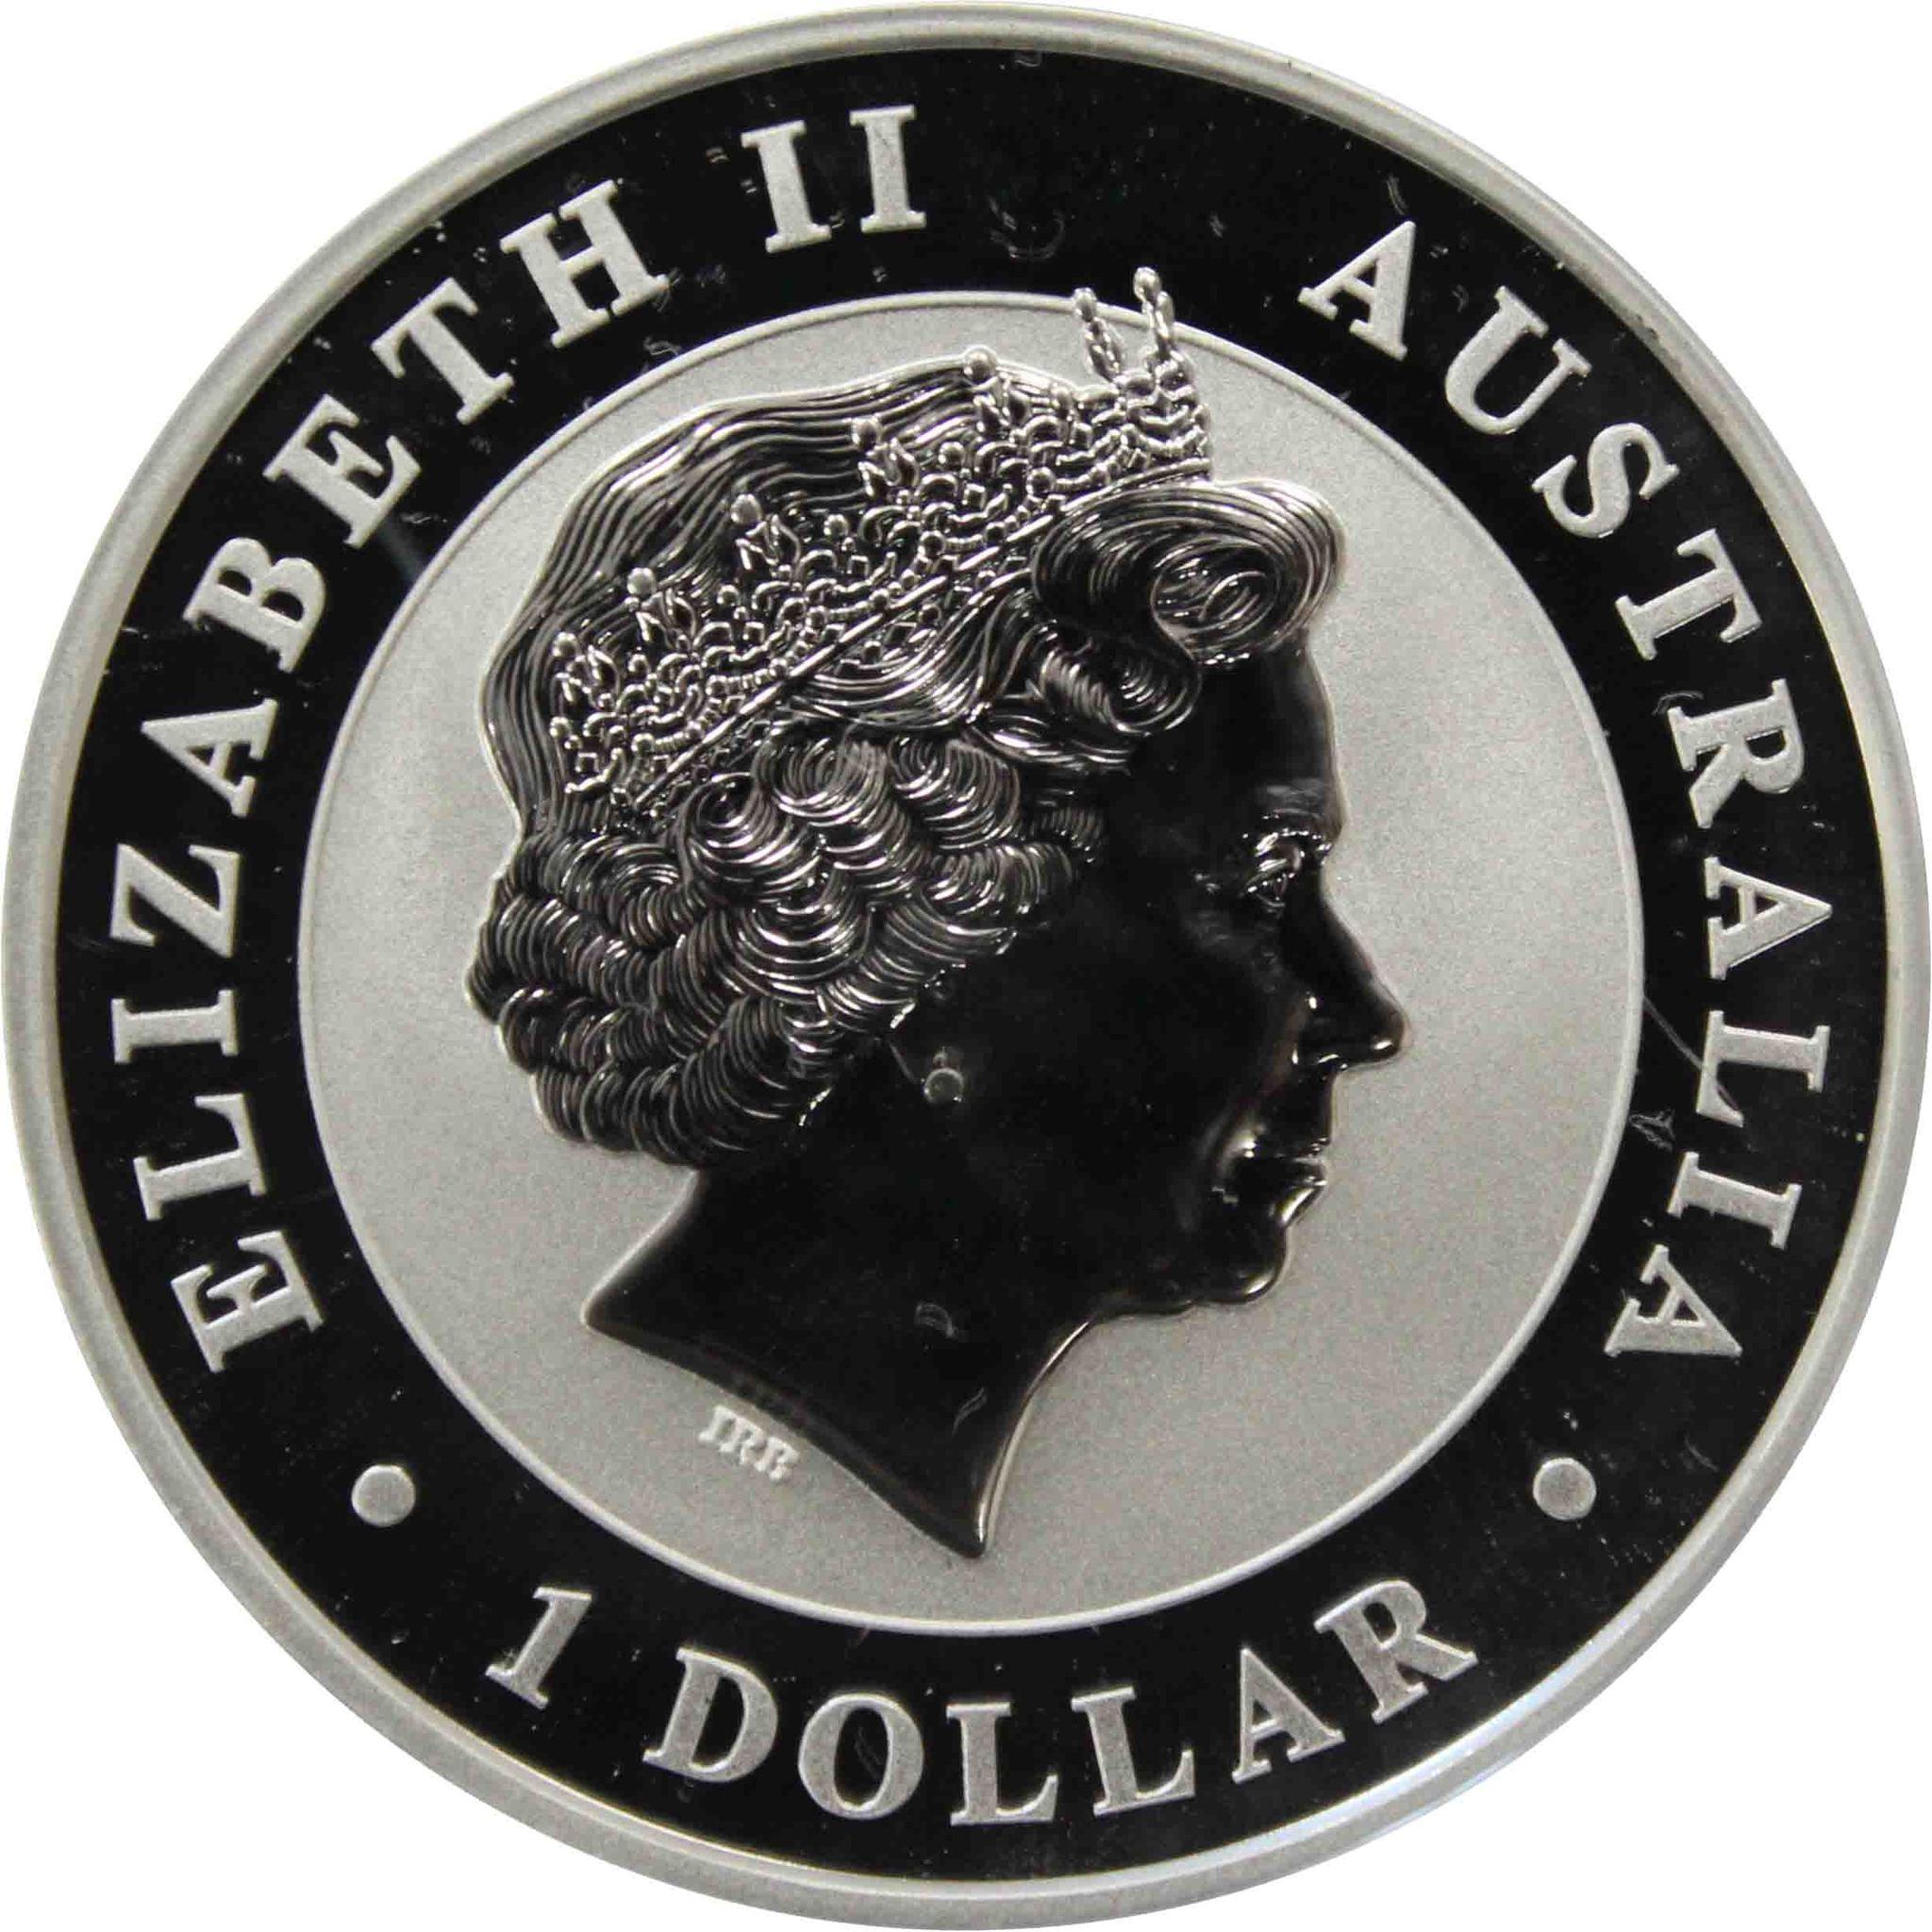 1 доллар. Клинохвостый орел. Австралия. 2018 год